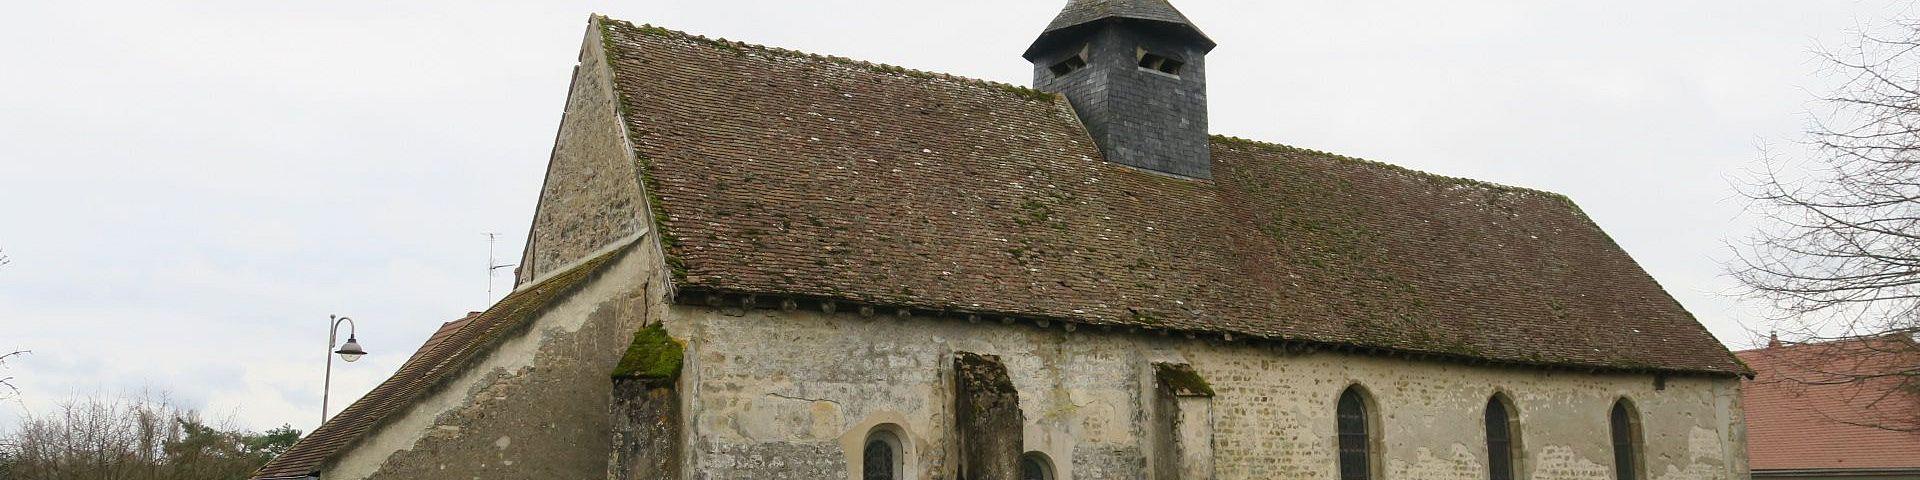 Epiry - Eglise Saint-Denis (58)